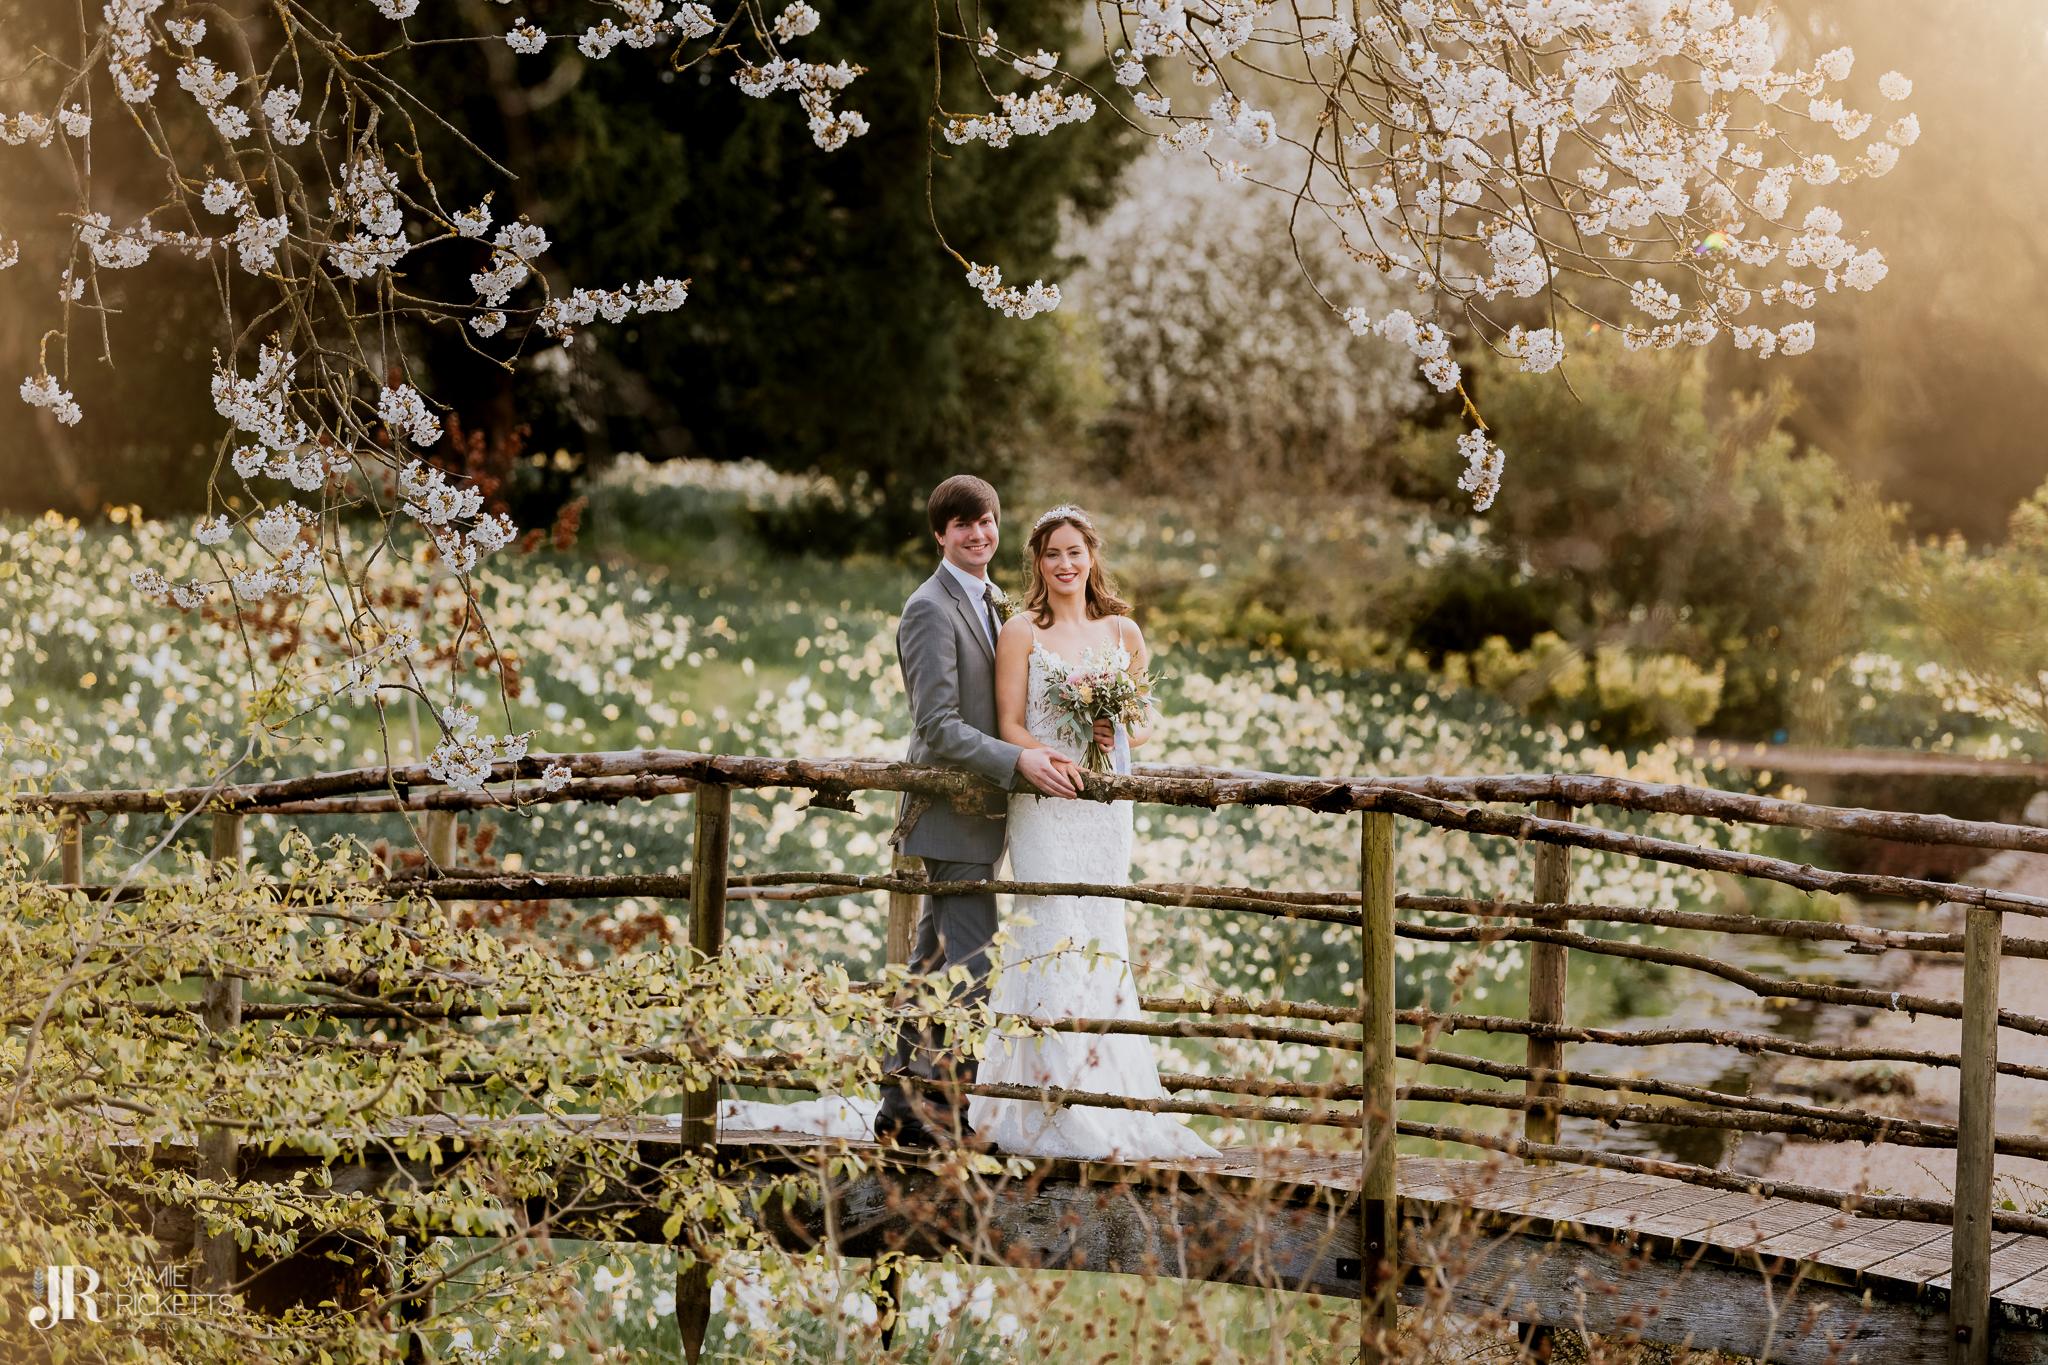 SPRING WEDDING WORKSHOP-JR-SM-06.04.2019-48.JPG